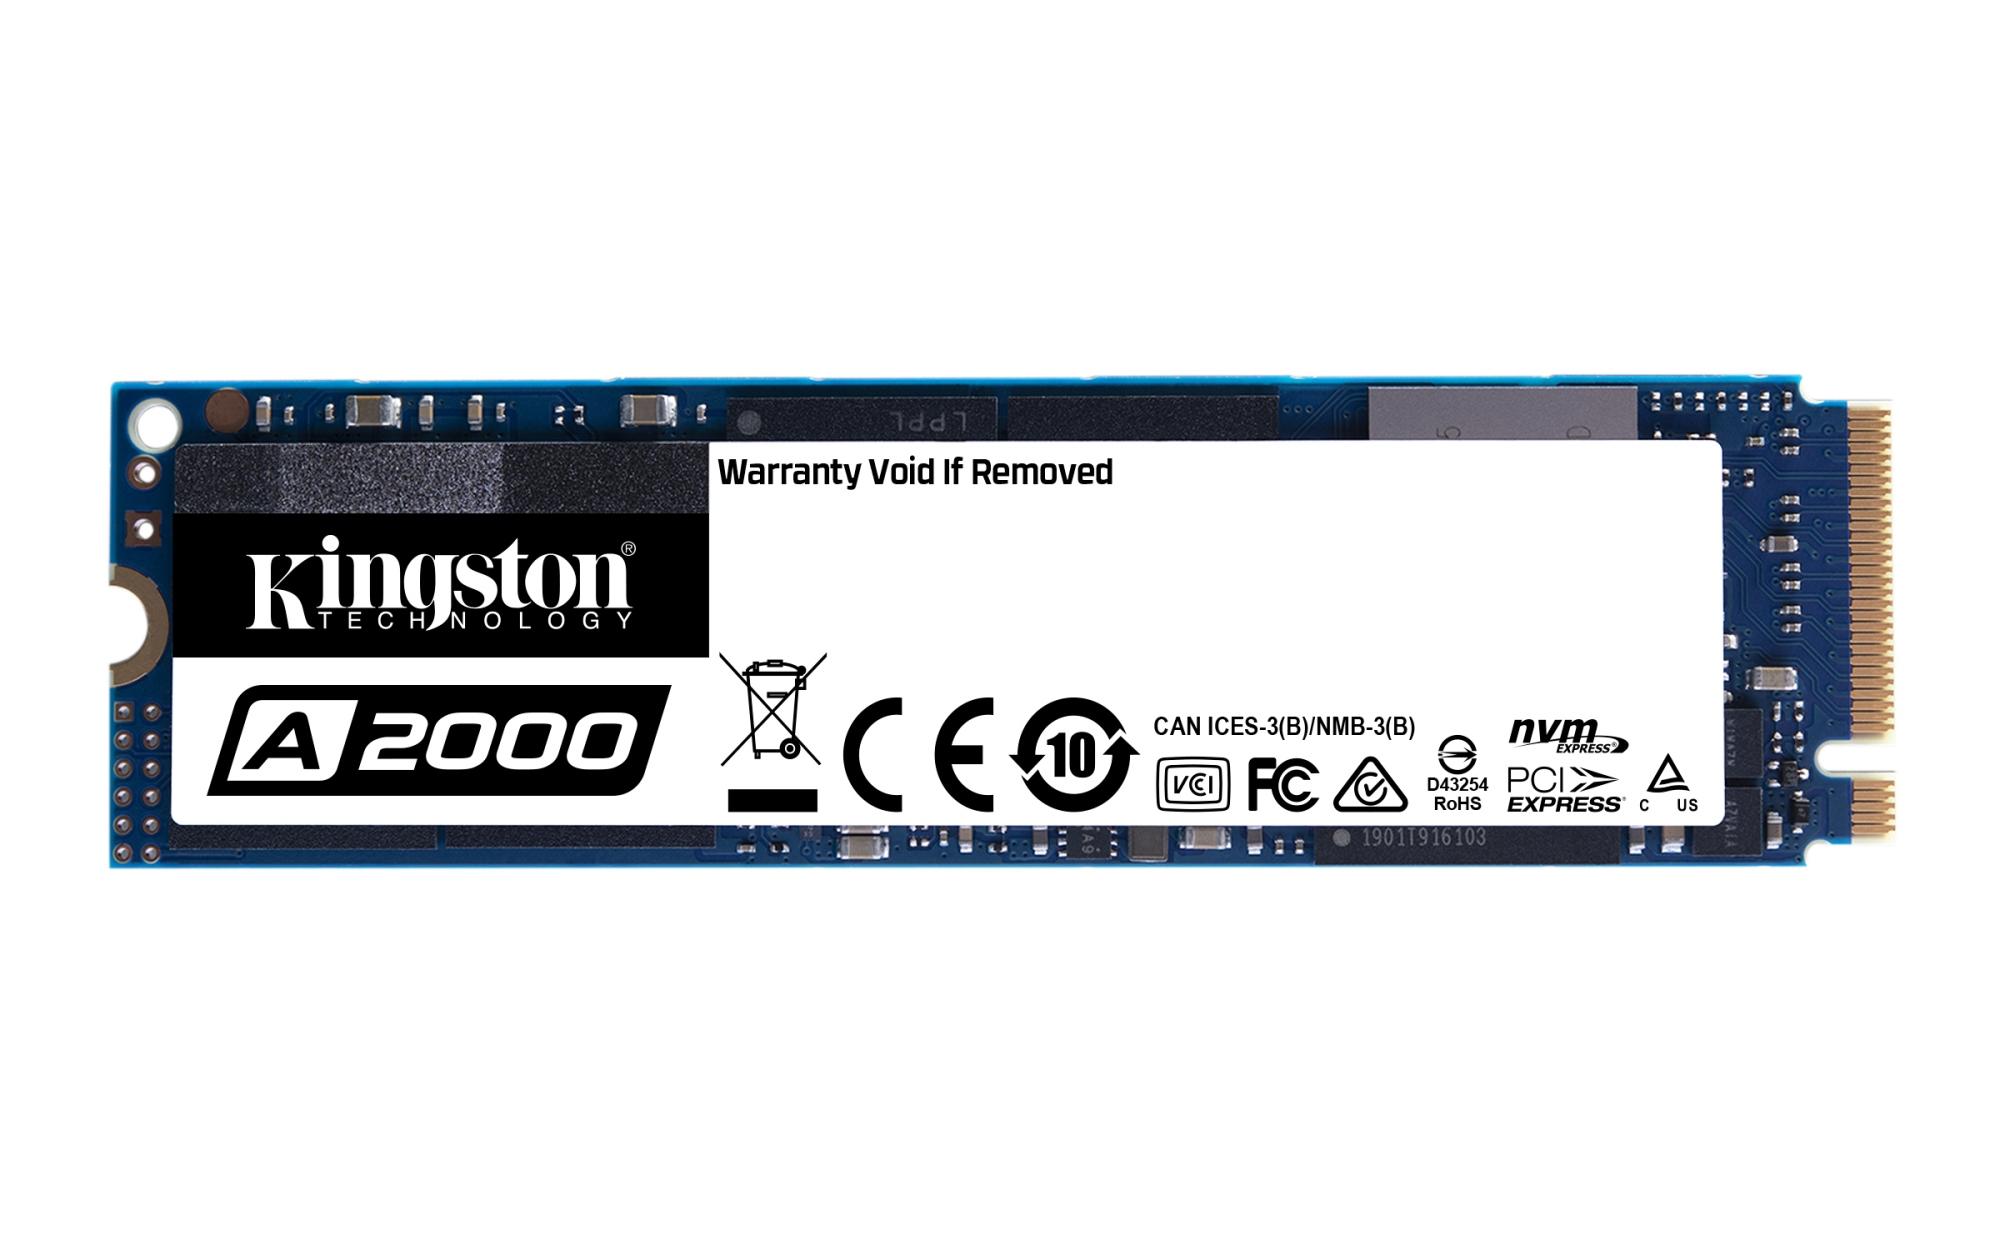 A2000 UNIDAD DE ESTADO SóLIDO M.2 250 GB PCI EXPRESS 3.0 NVME